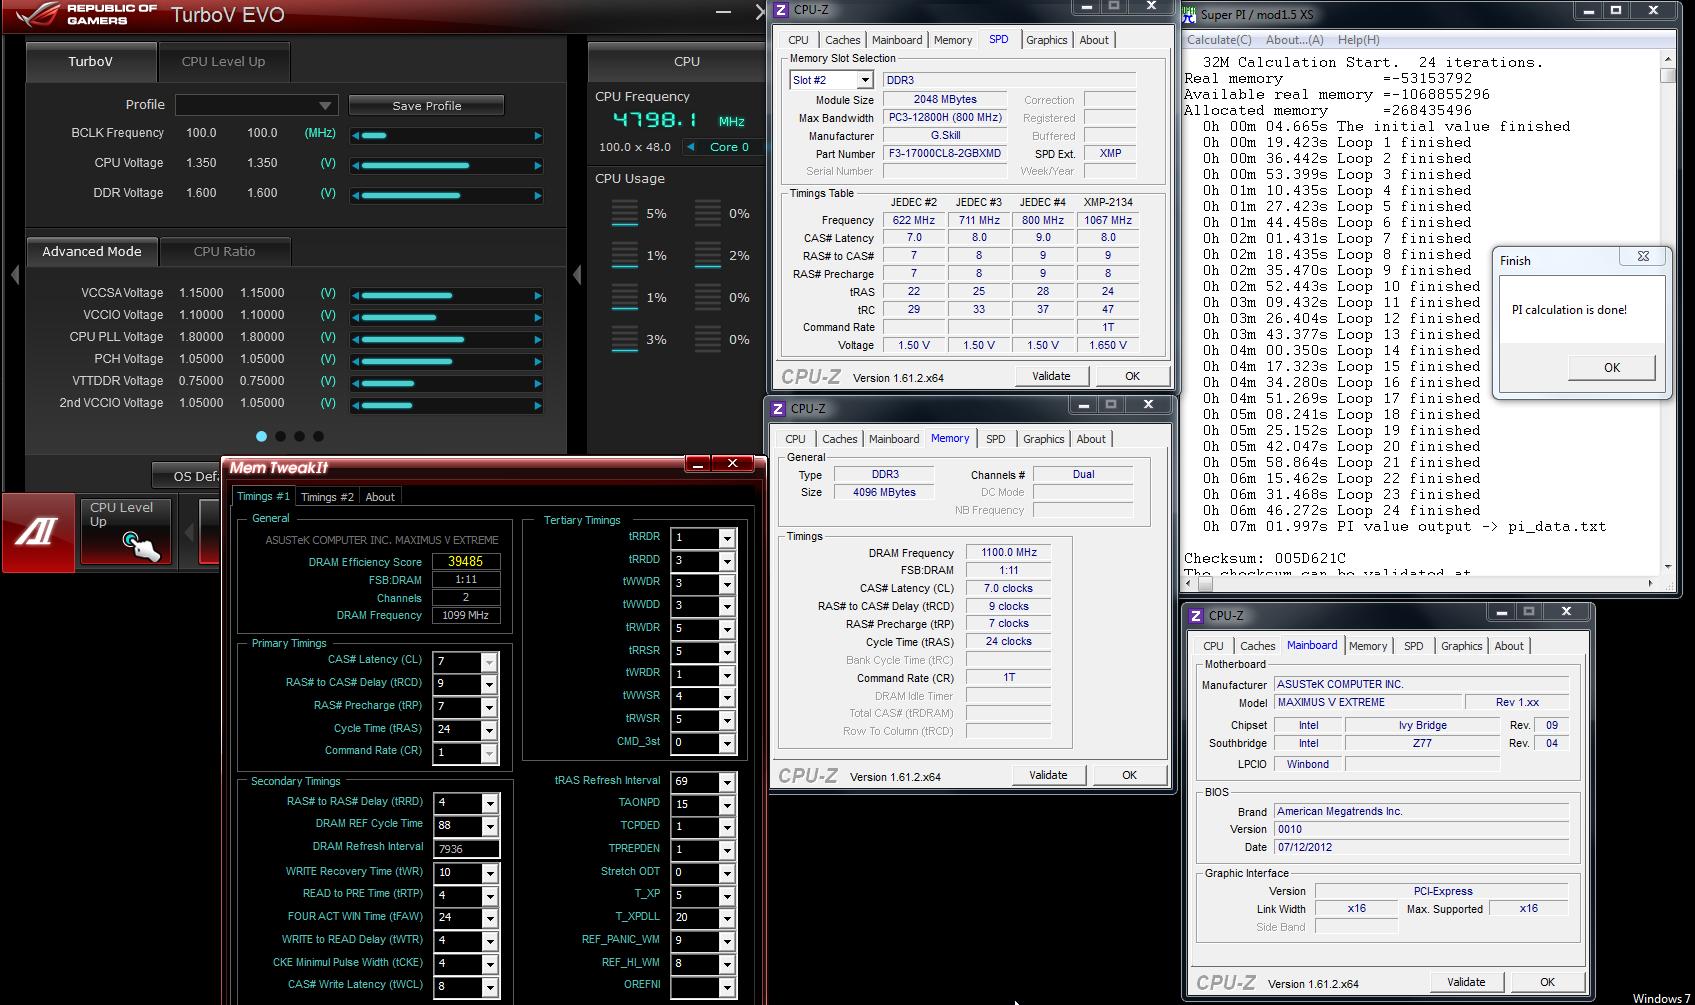 screenshot025g.png